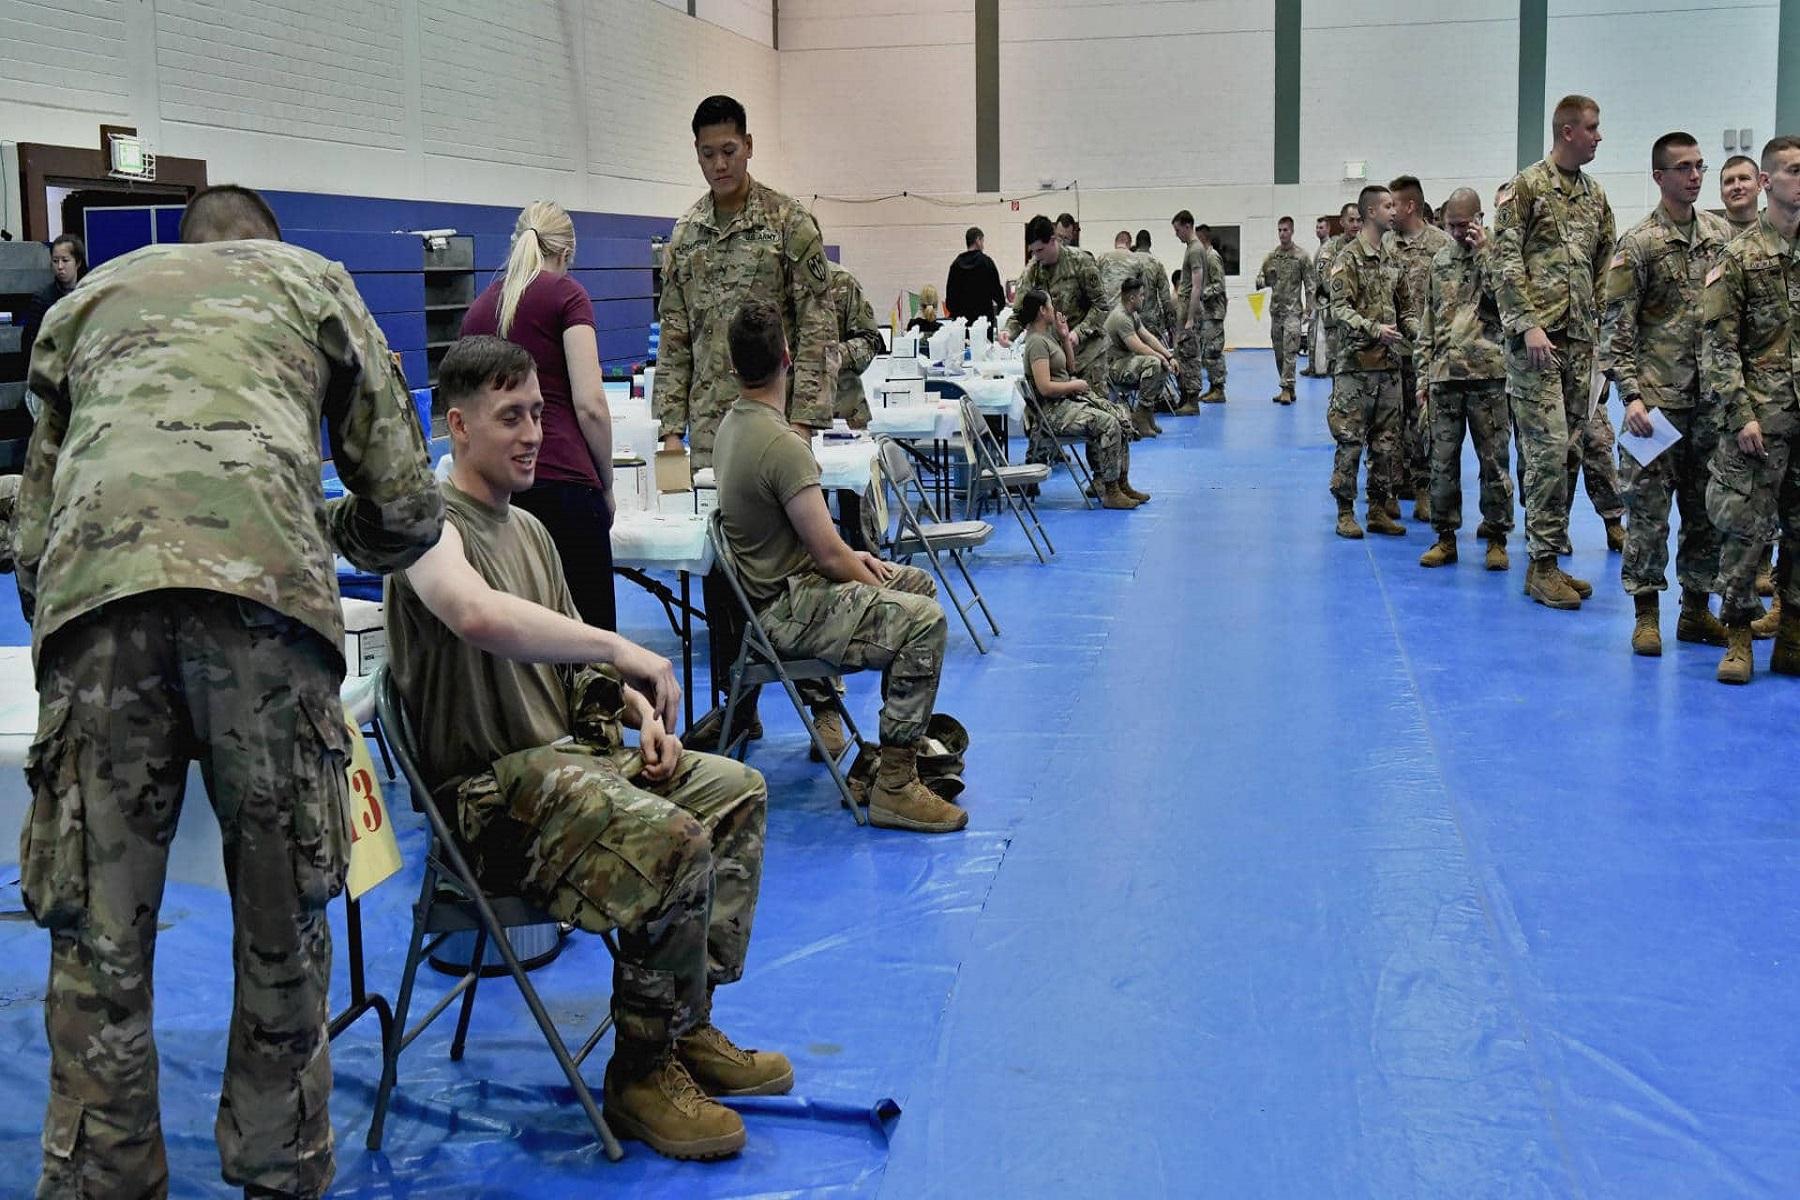 Υπουργός Άμυνας ΗΠΑ: Καταπολέμηση της διστακτικότητας των εμβολίων μεταξύ στρατευμάτων και βετεράνων.